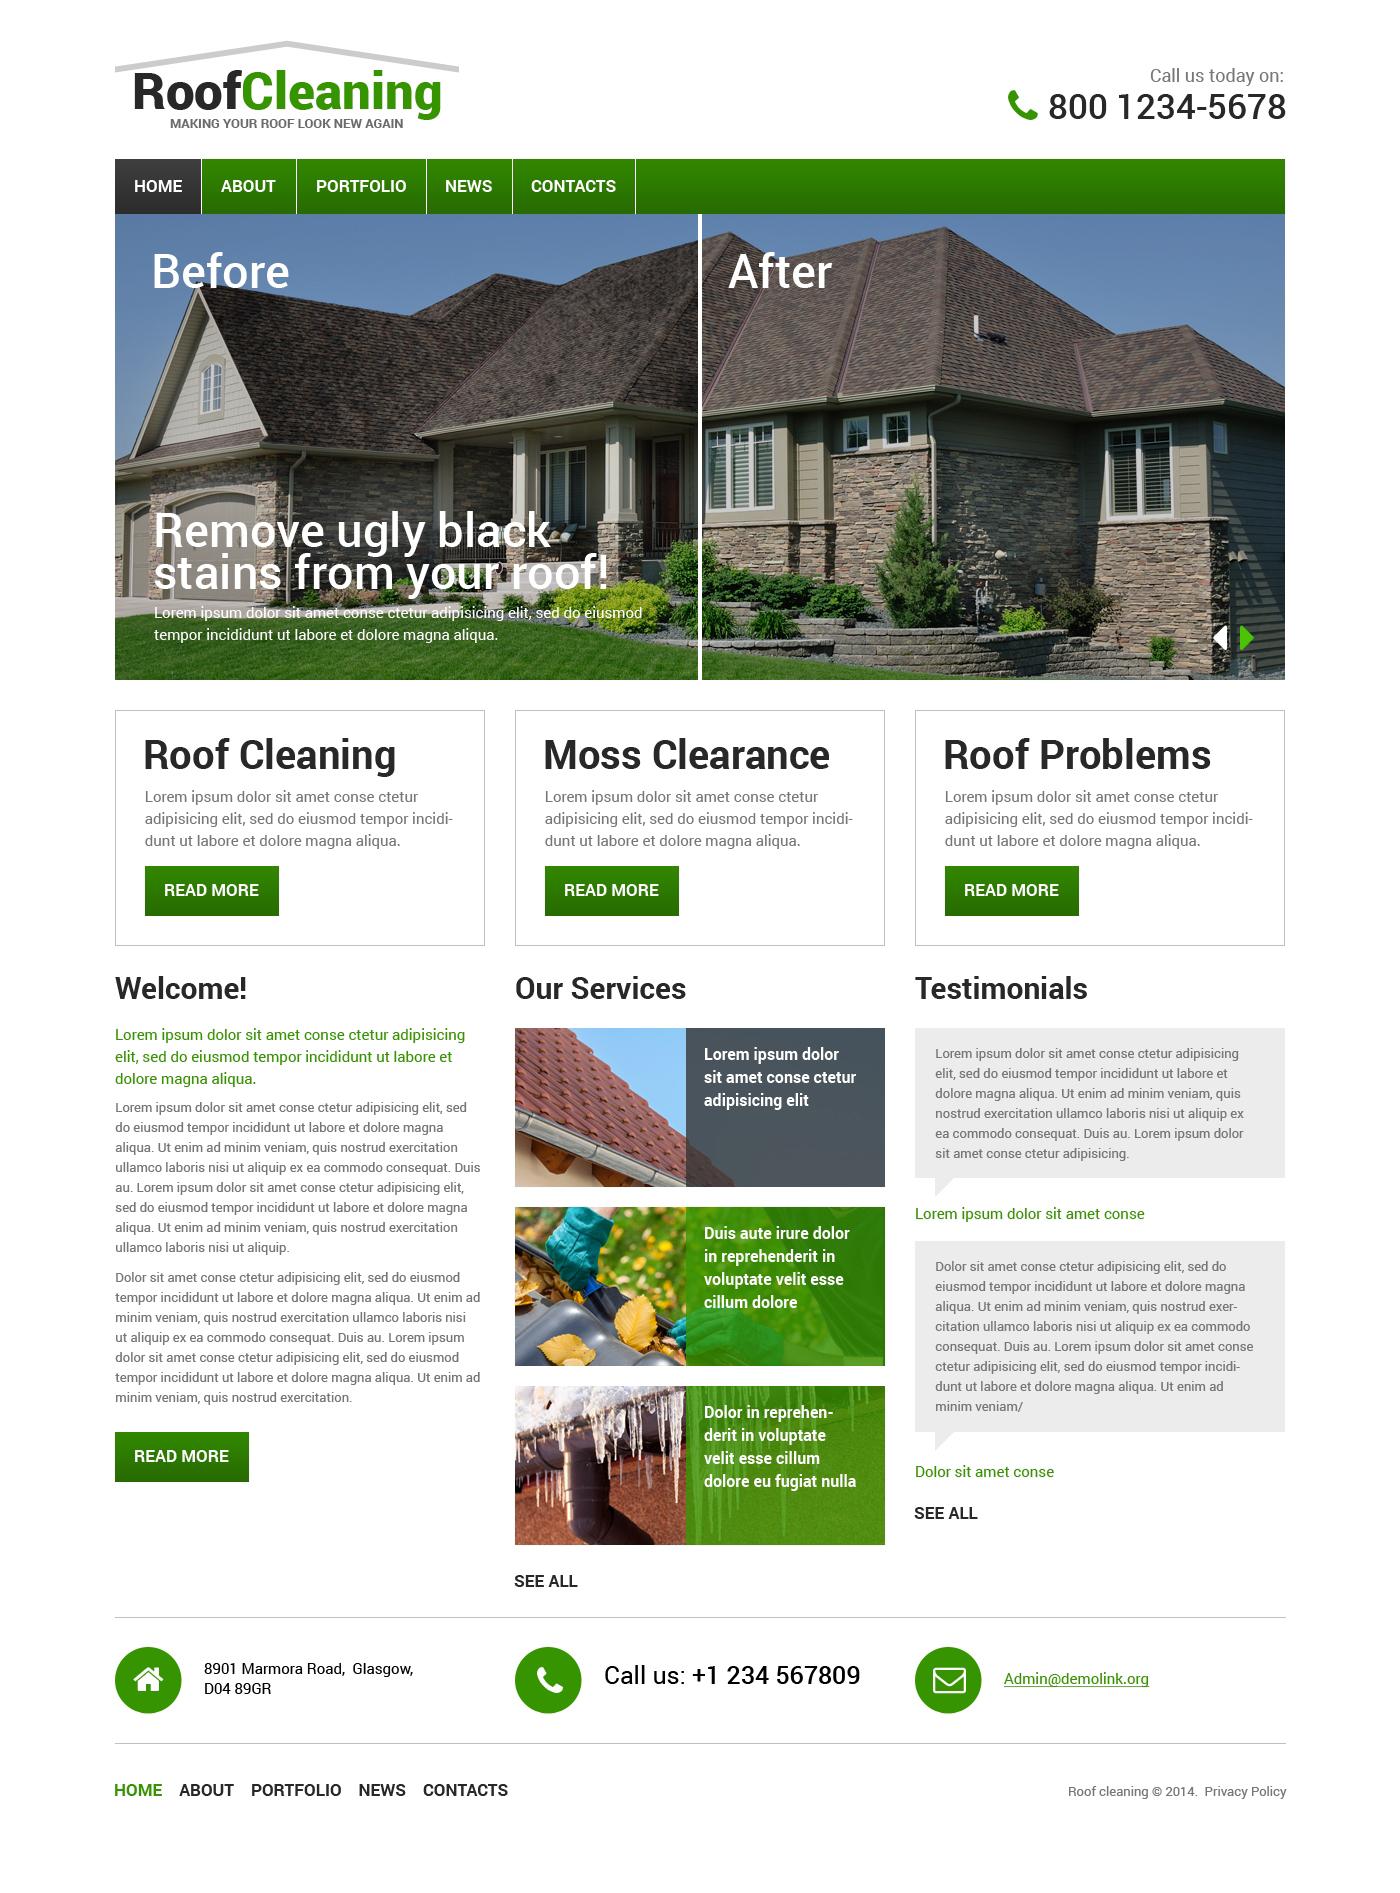 屋顶防水Drupal模板 #48976